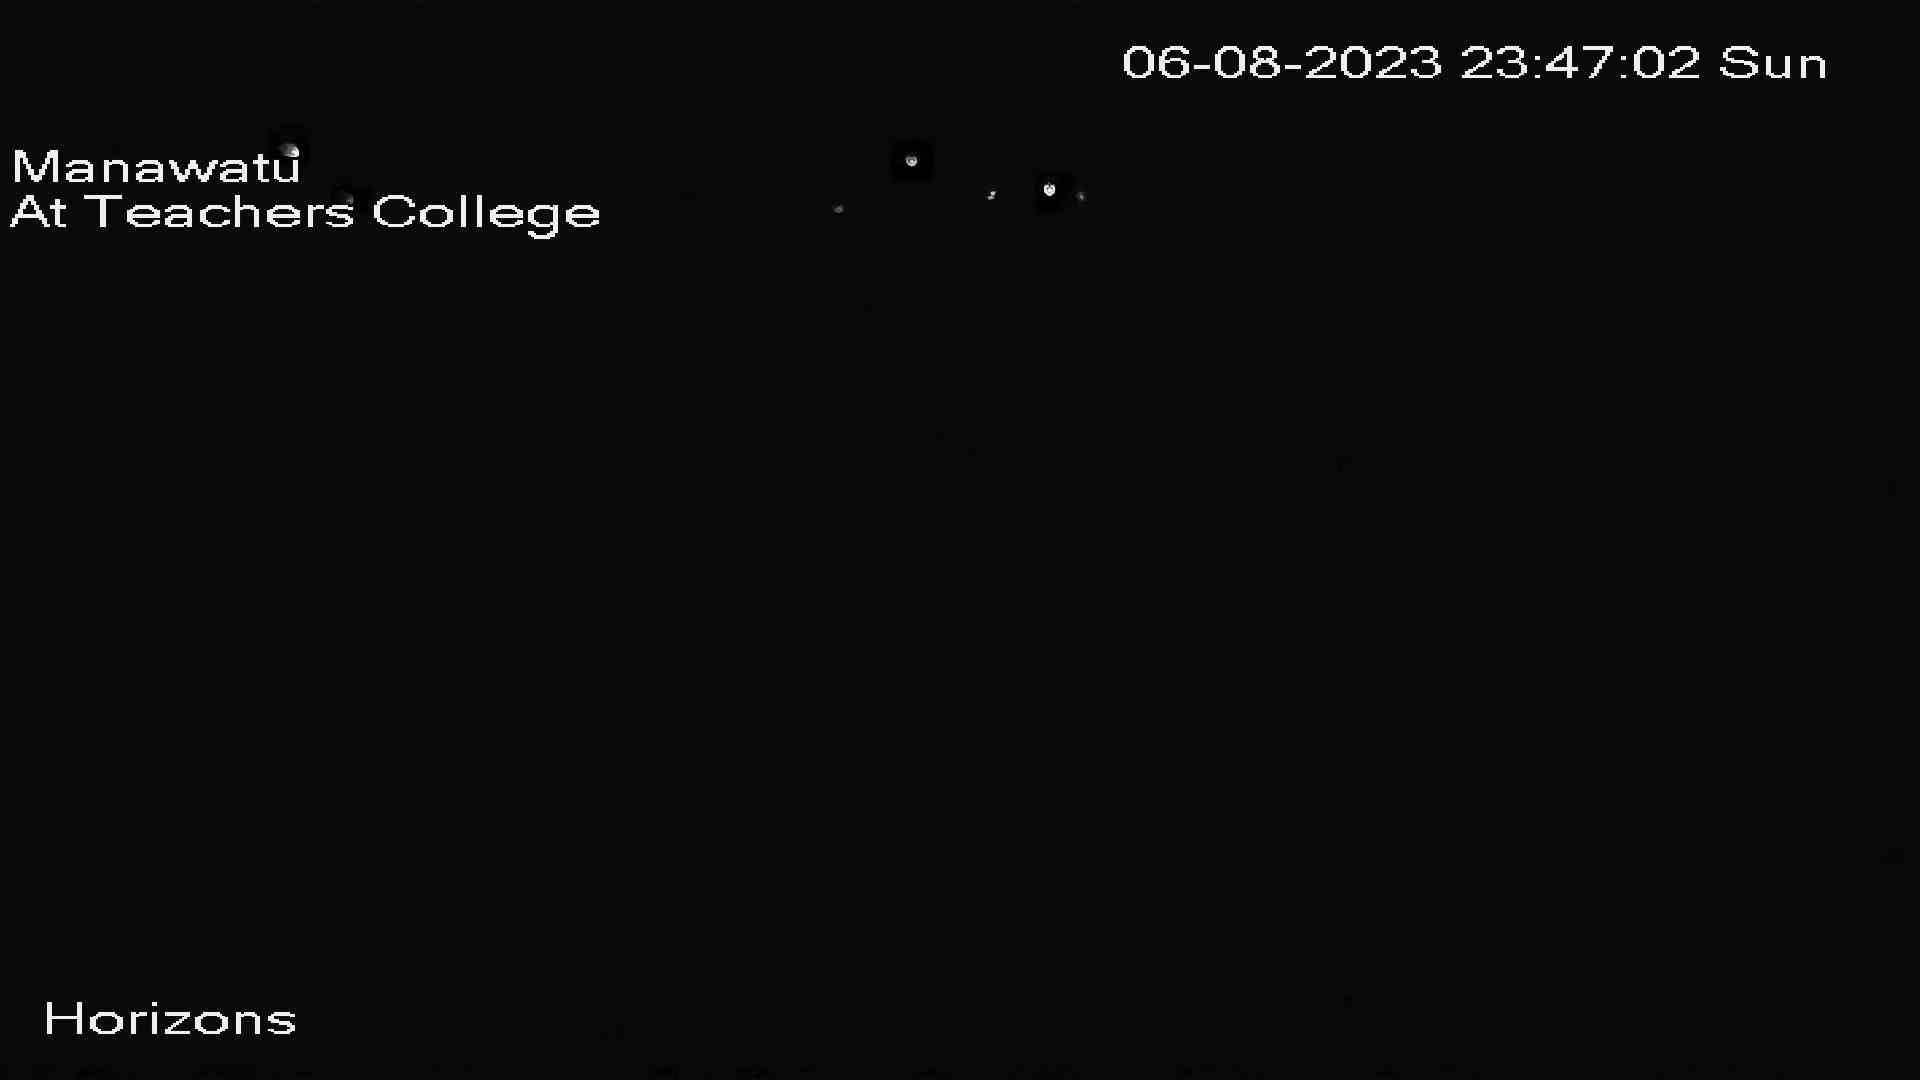 Manawatū River and Fitzherbert Bridge Webcam